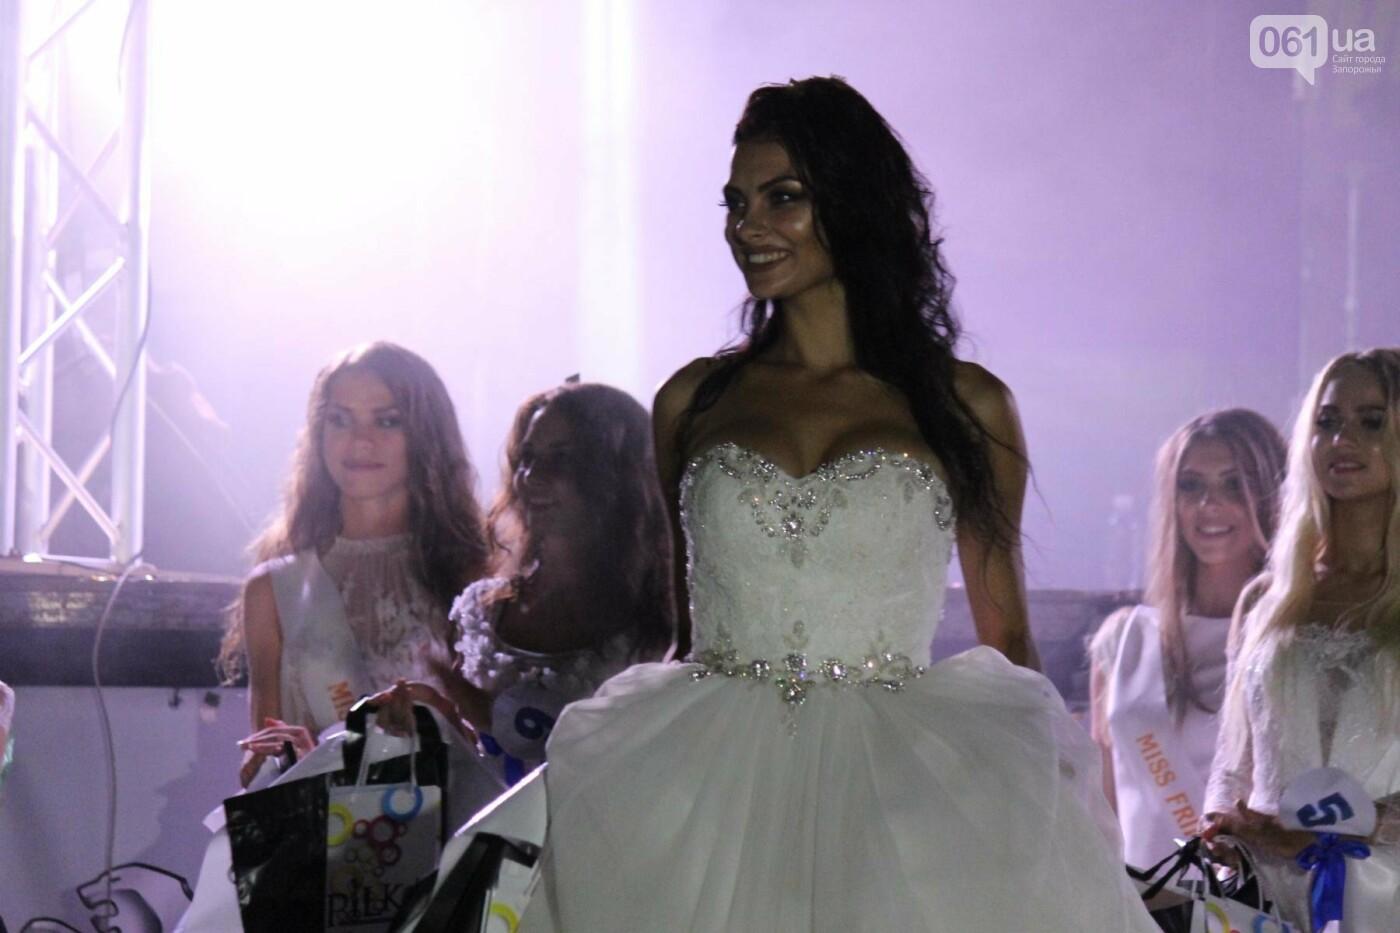 «Miss AVRORA Summer 2018»: в Запорожье на конкурсе красоты выбрали самую красивую девушку, – ФОТОРЕПОРТАЖ, фото-29